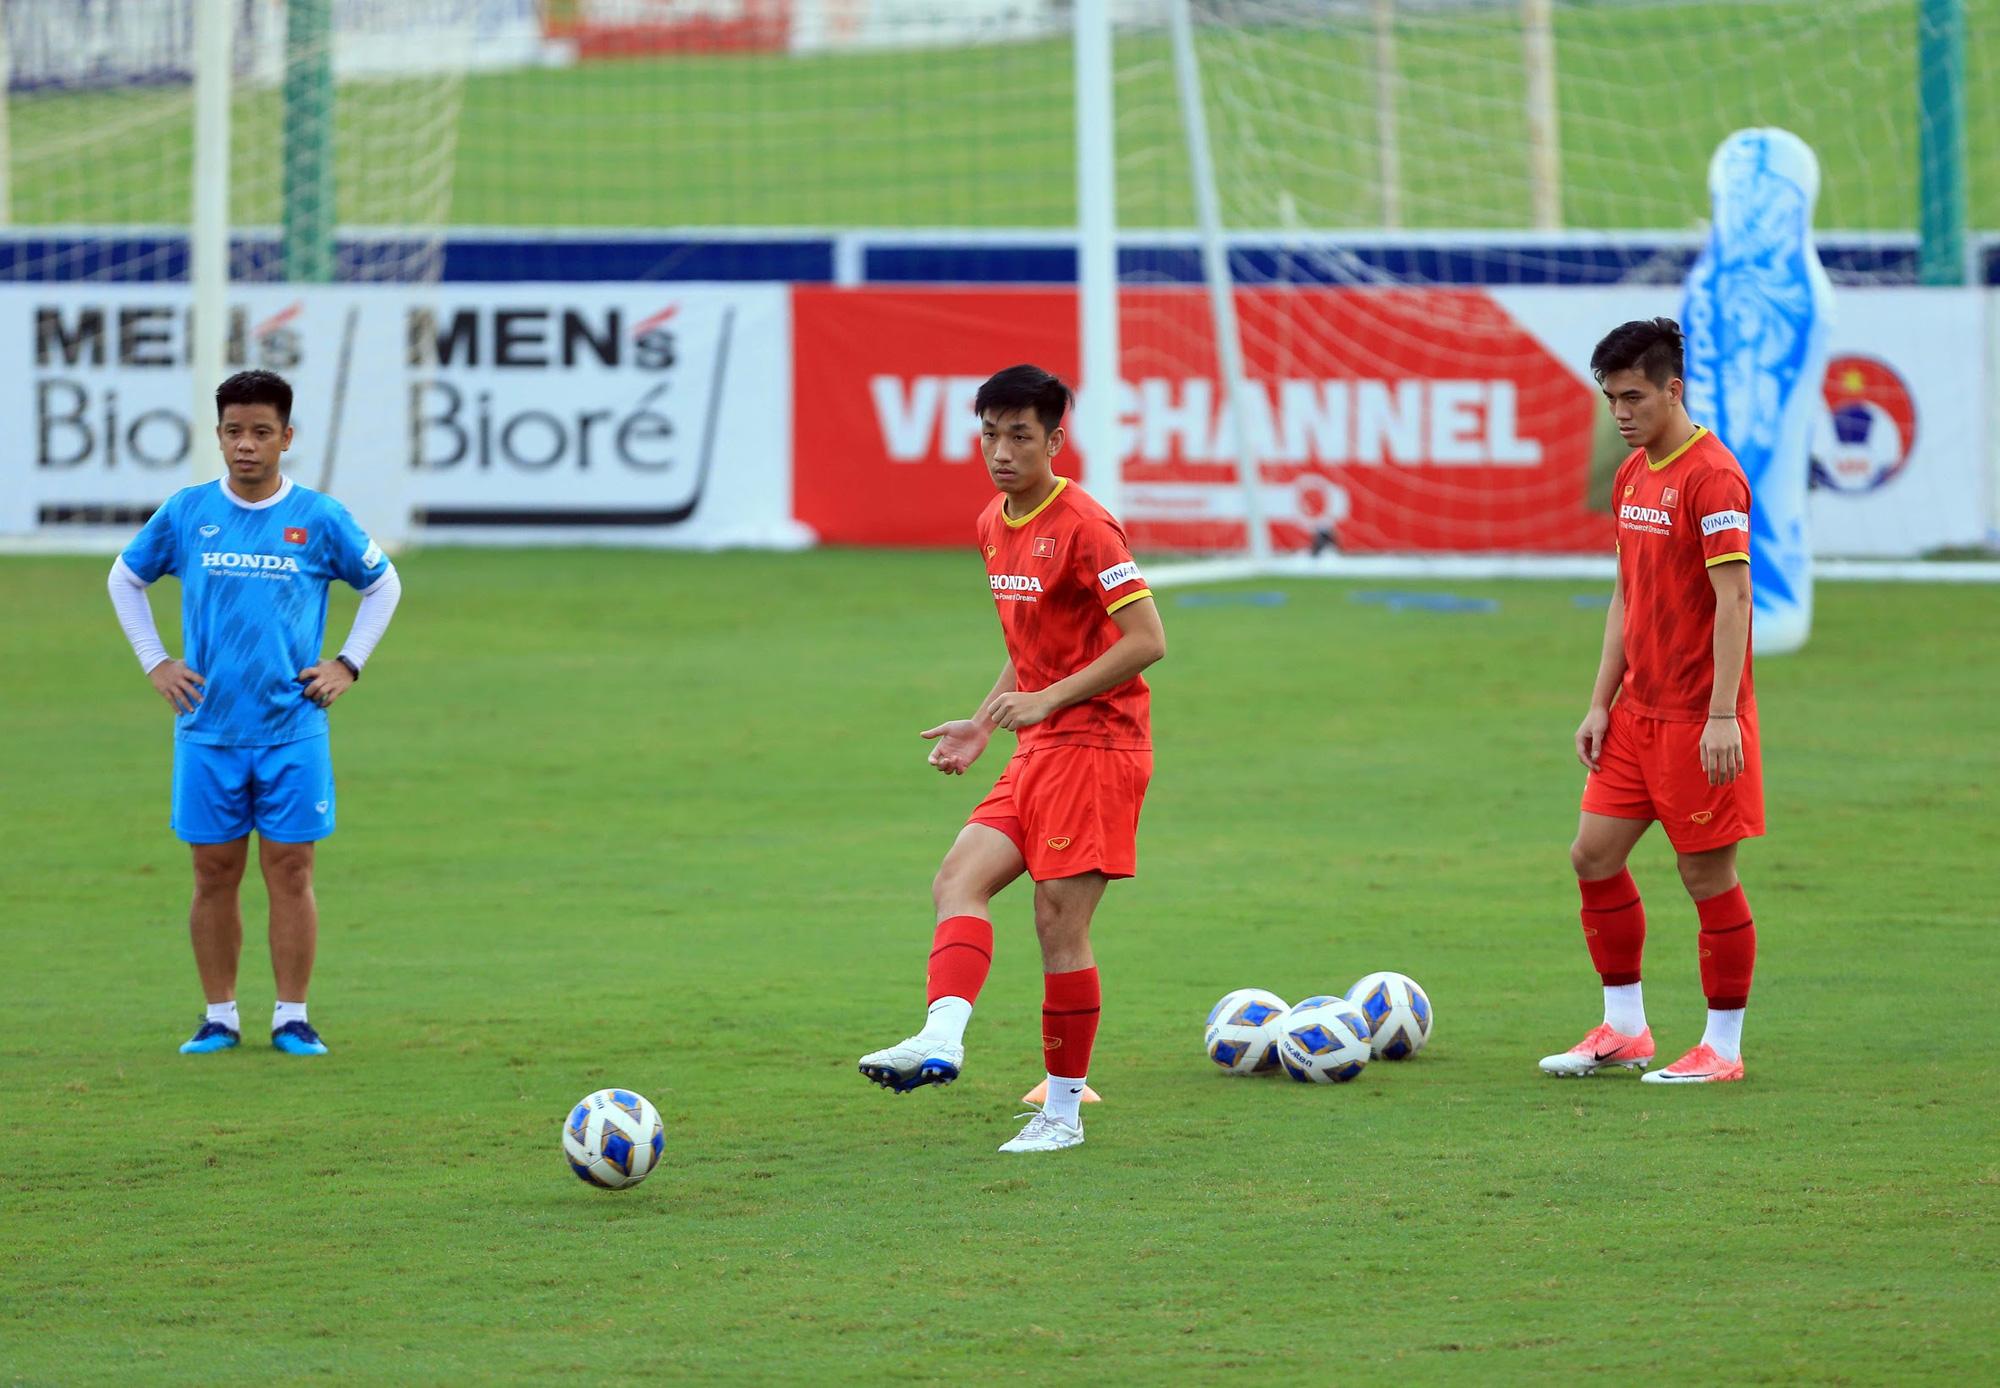 Tuấn Anh và đồng đội hào hứng khi trở thành thủ môn bất đắc dĩ cho tuyển Việt Nam - ảnh 18